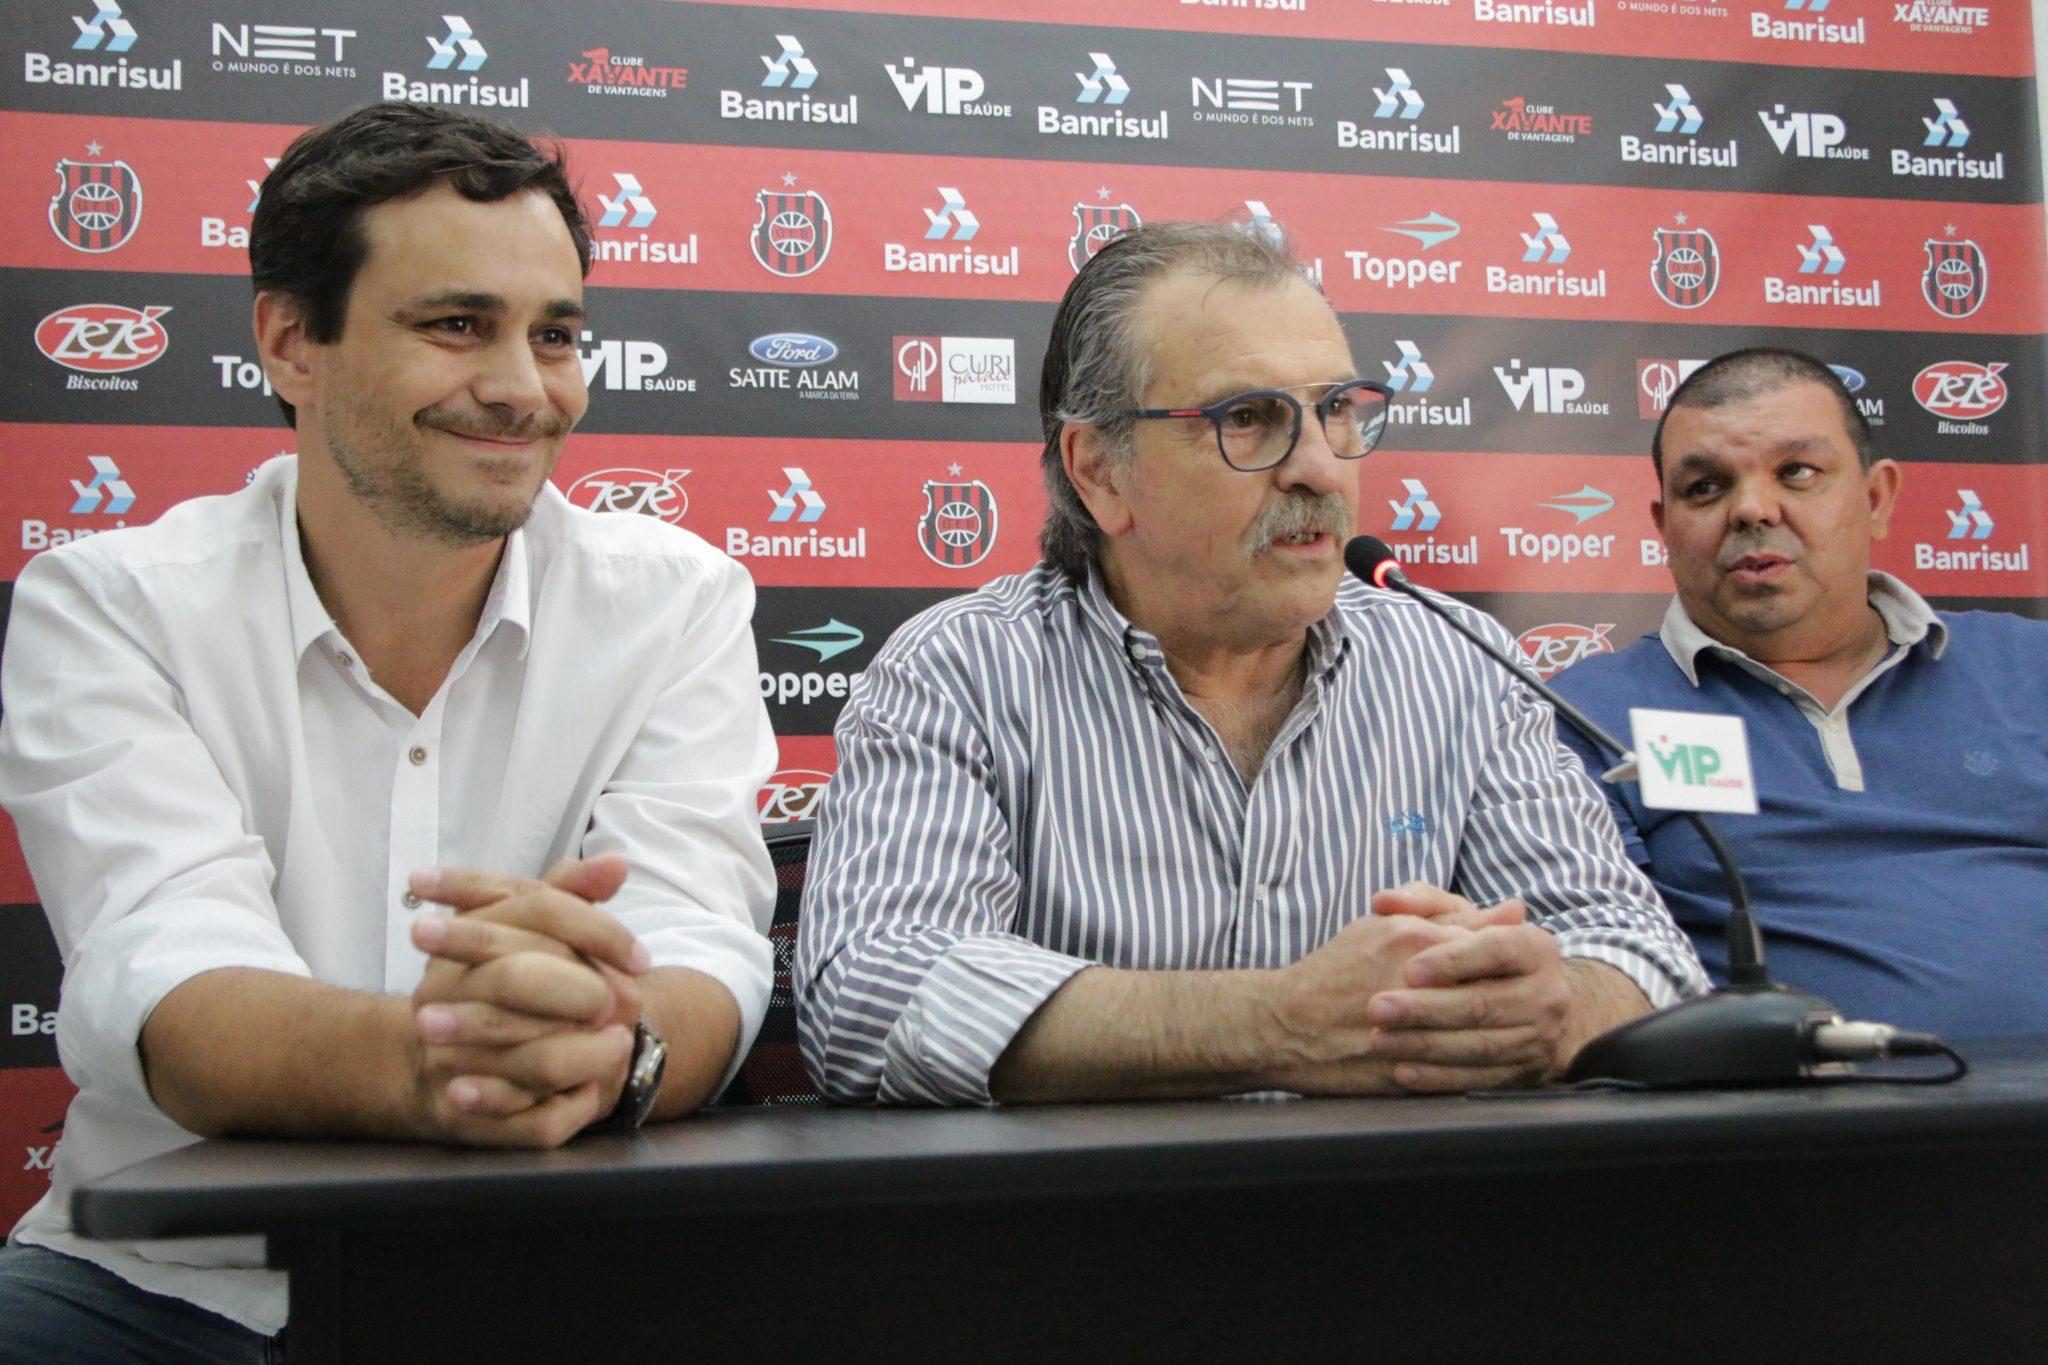 Brasil-Pel: Reforço no Depto. Médico